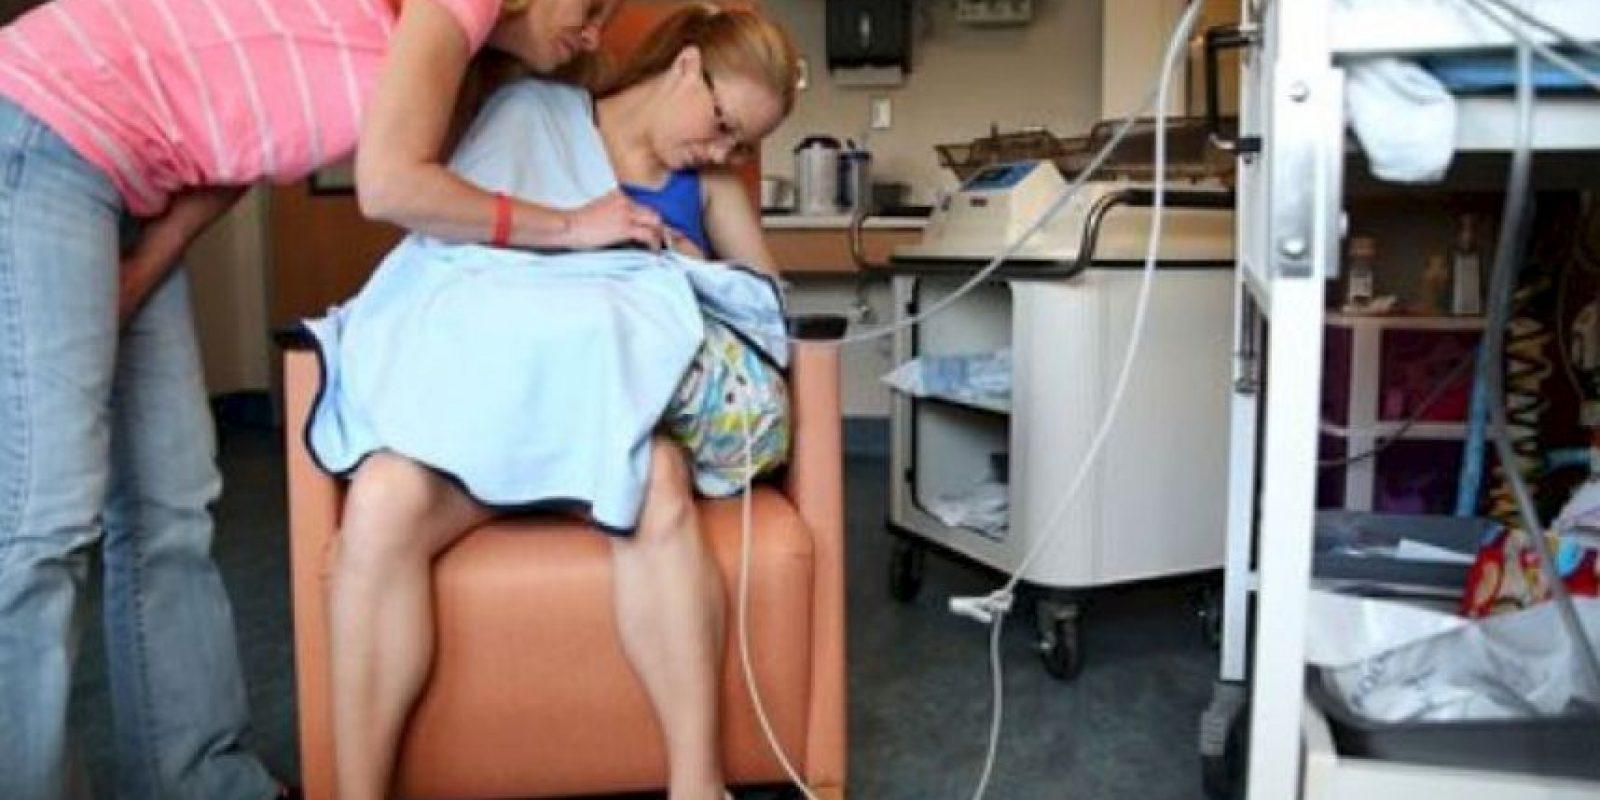 Al niño le hicieron una traqueotomía luego de nacer. Foto:vía AP